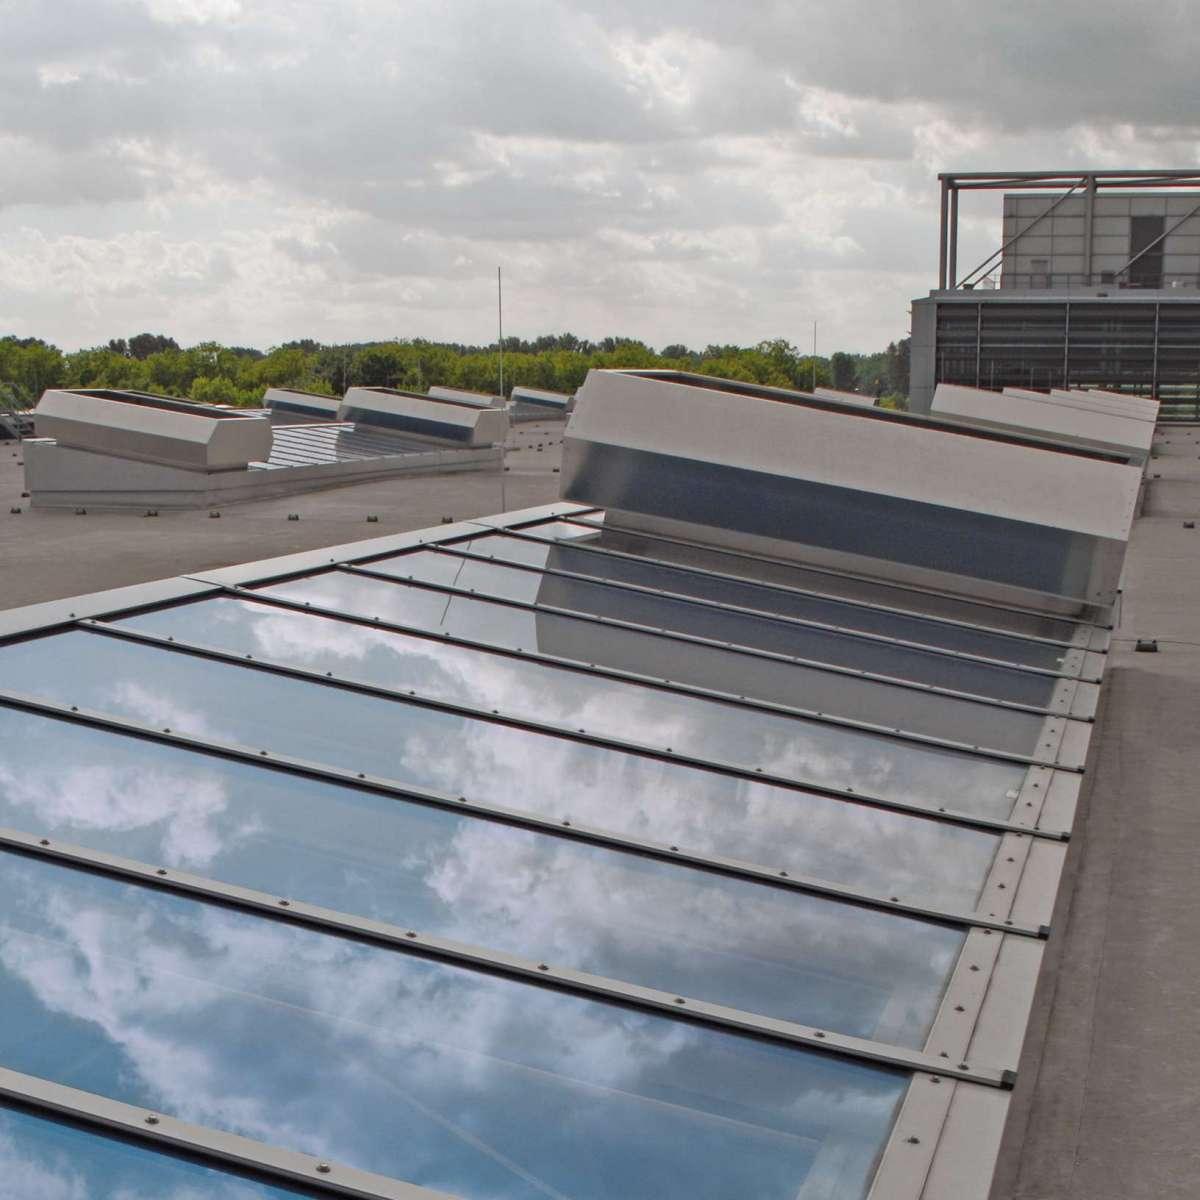 Messe Düsseldorf GmbH, Messehalle 5 | Düsseldorf • Jedes Lichtband ist raumseitig mit einer vollständigen Verdunkelungsanlage versehen.